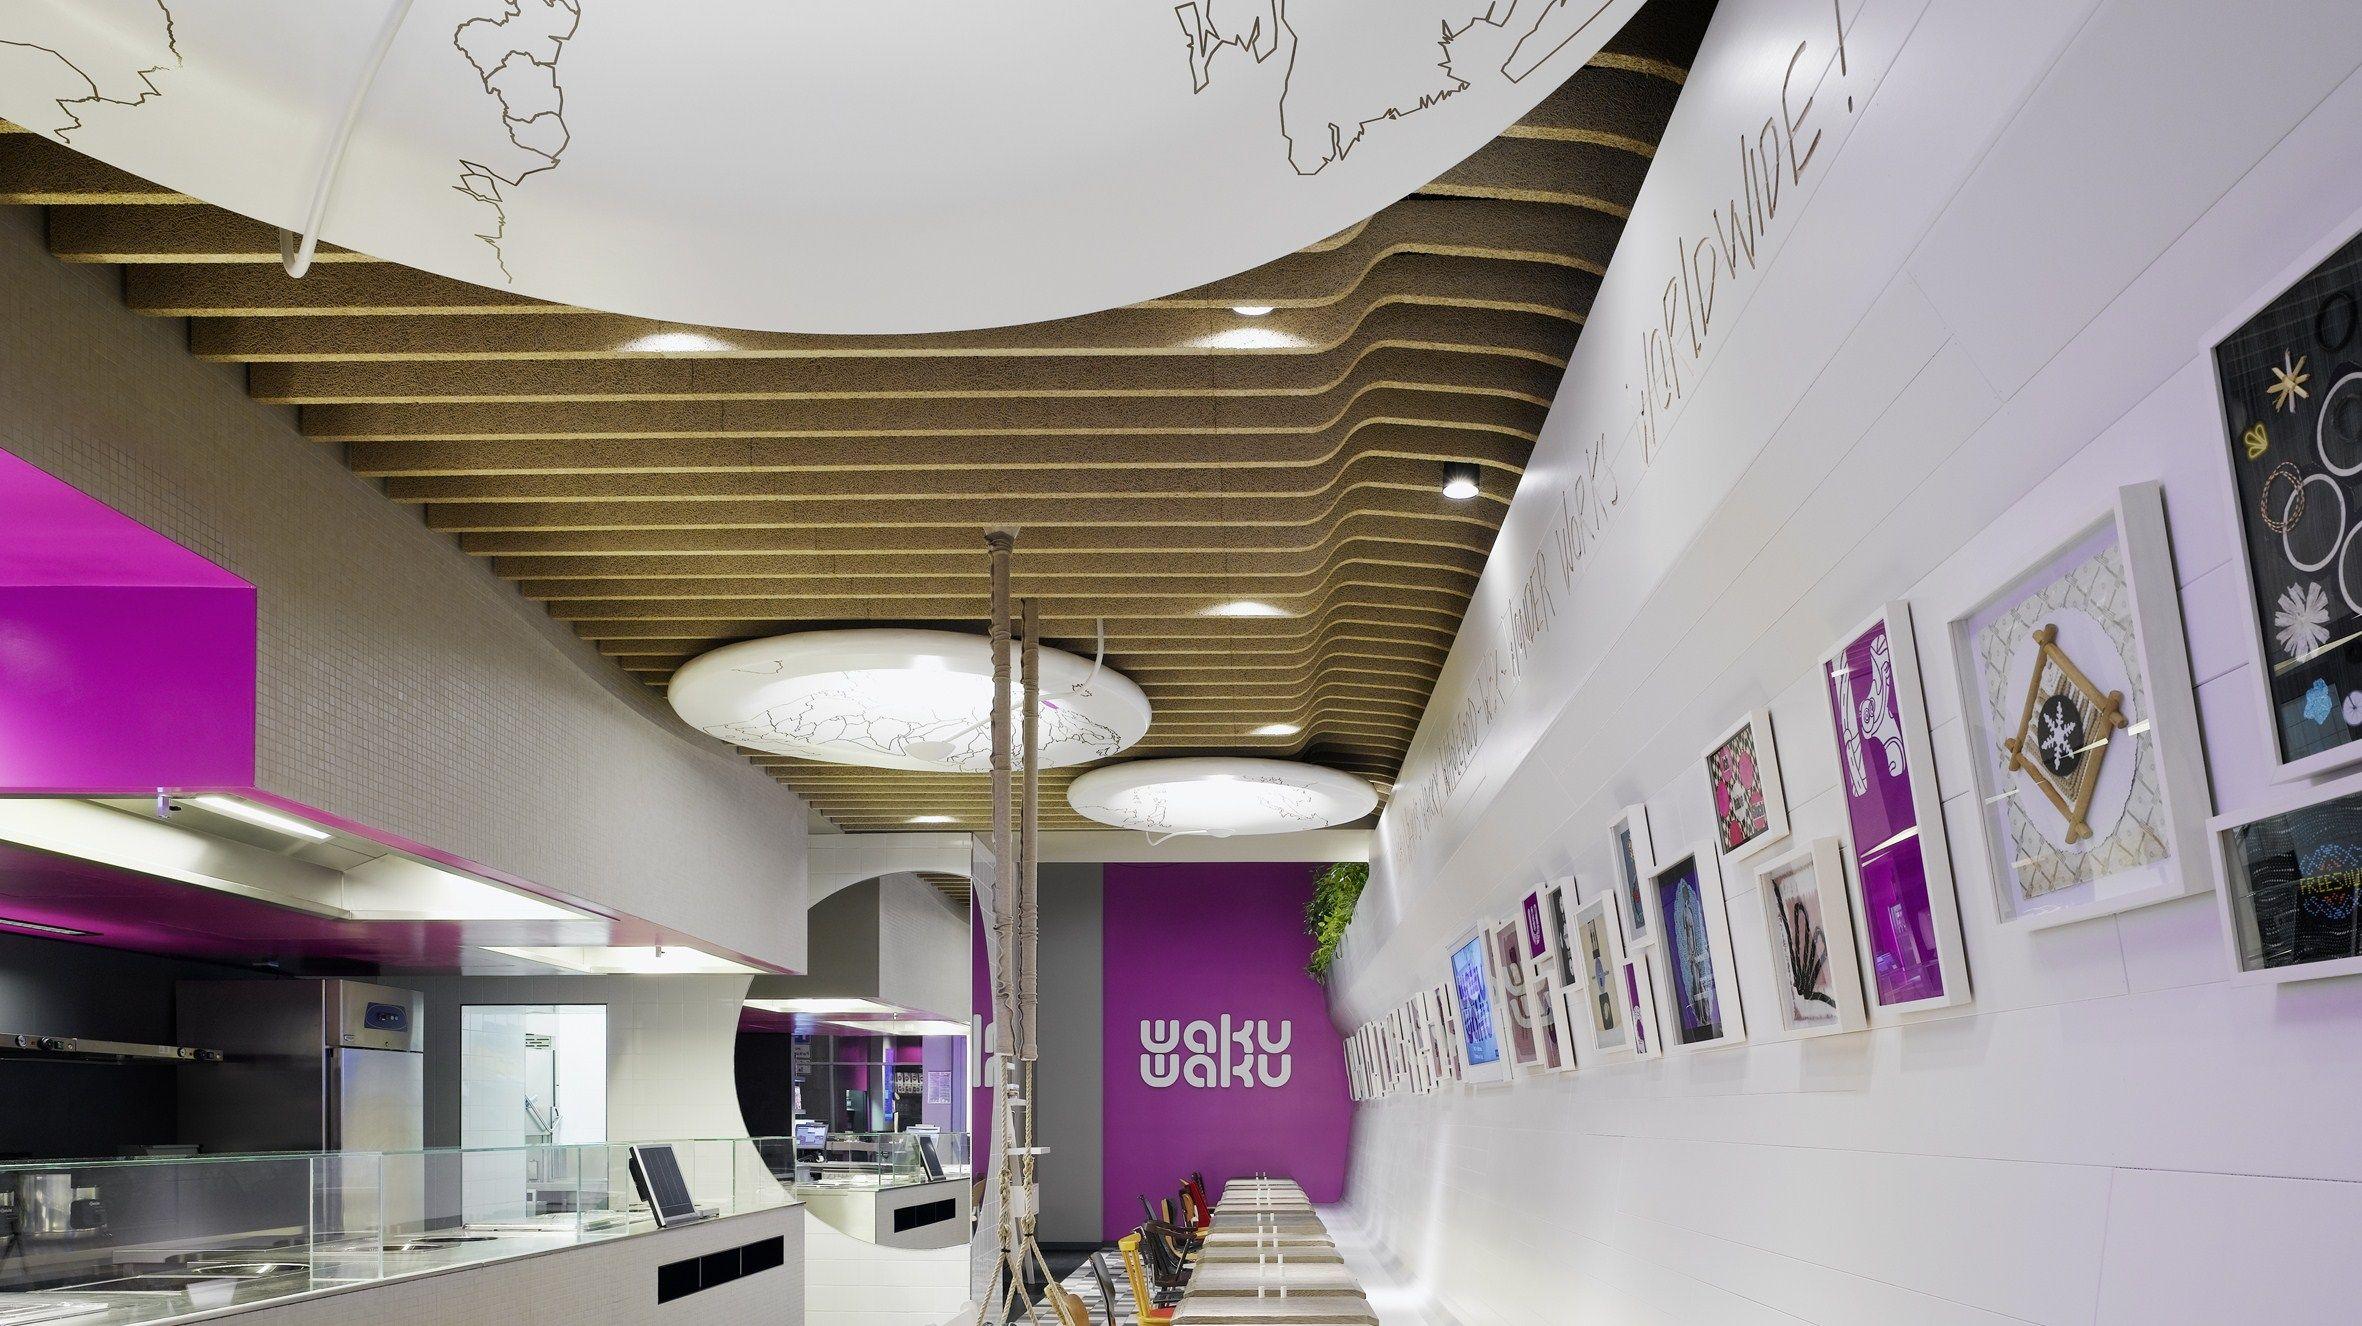 interesting ceiling baffles | design | pinterest | ceilings